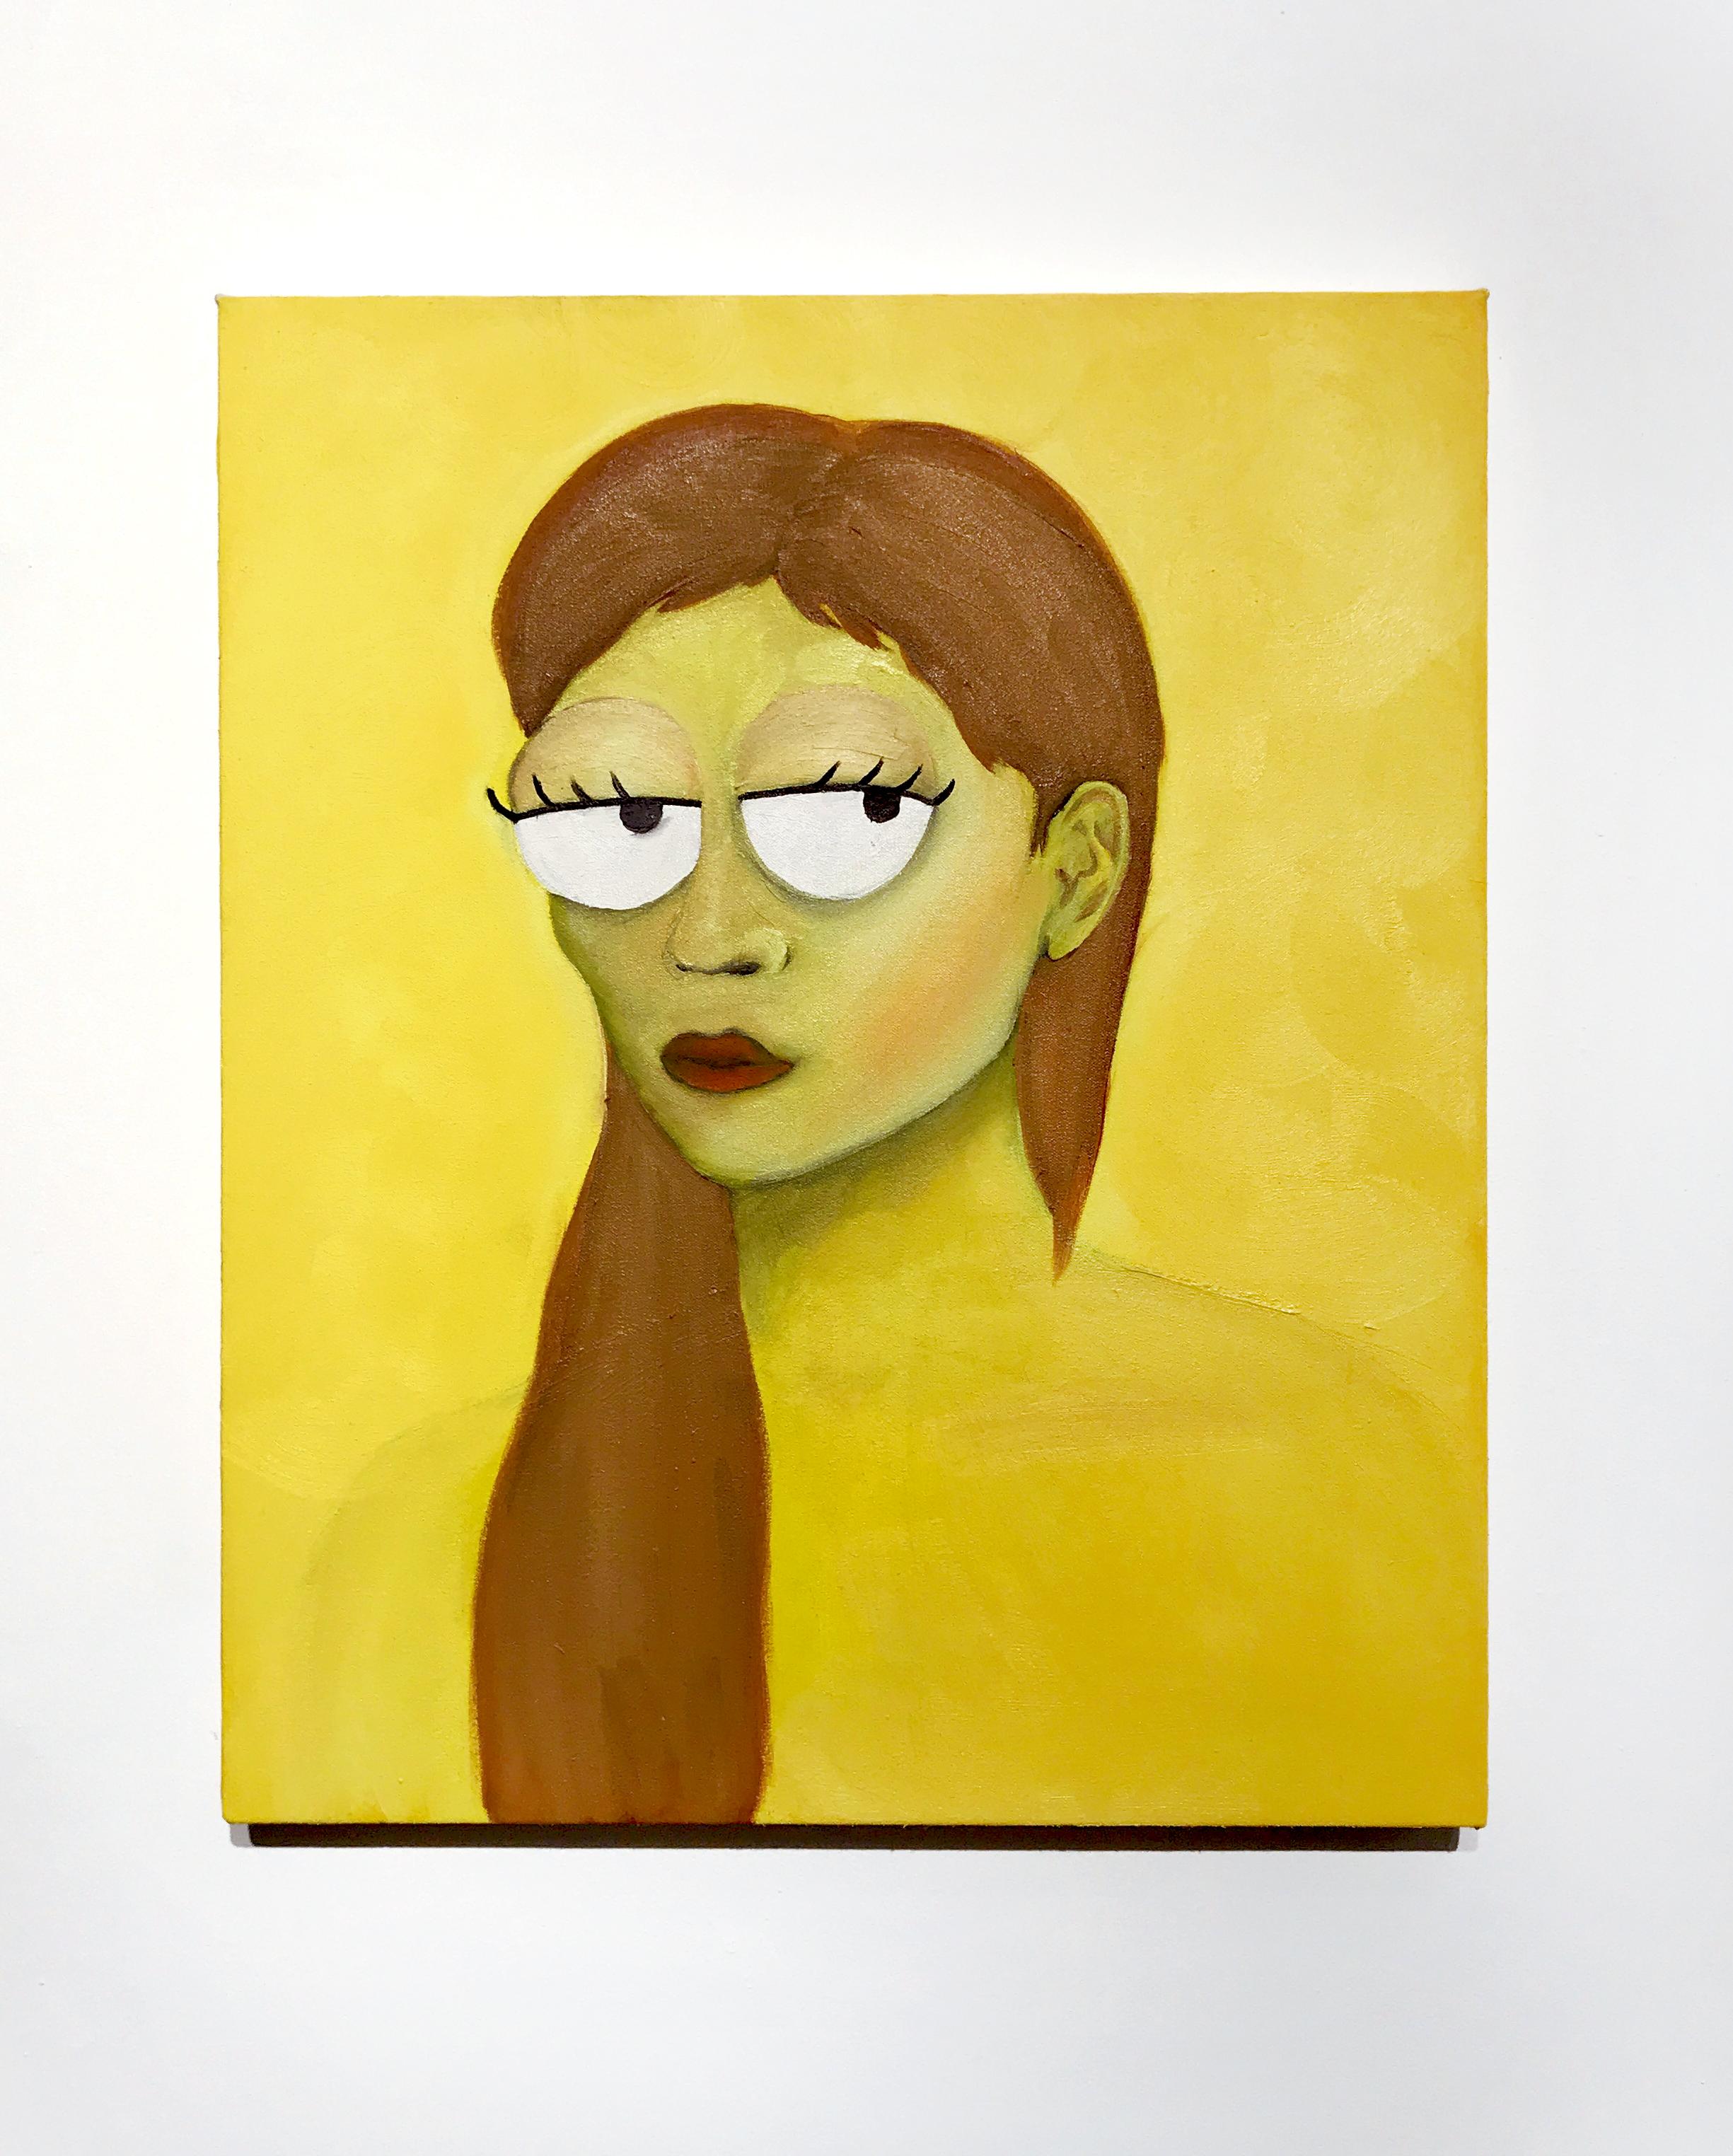 Nora Simpson, Oil on canvas, 2019